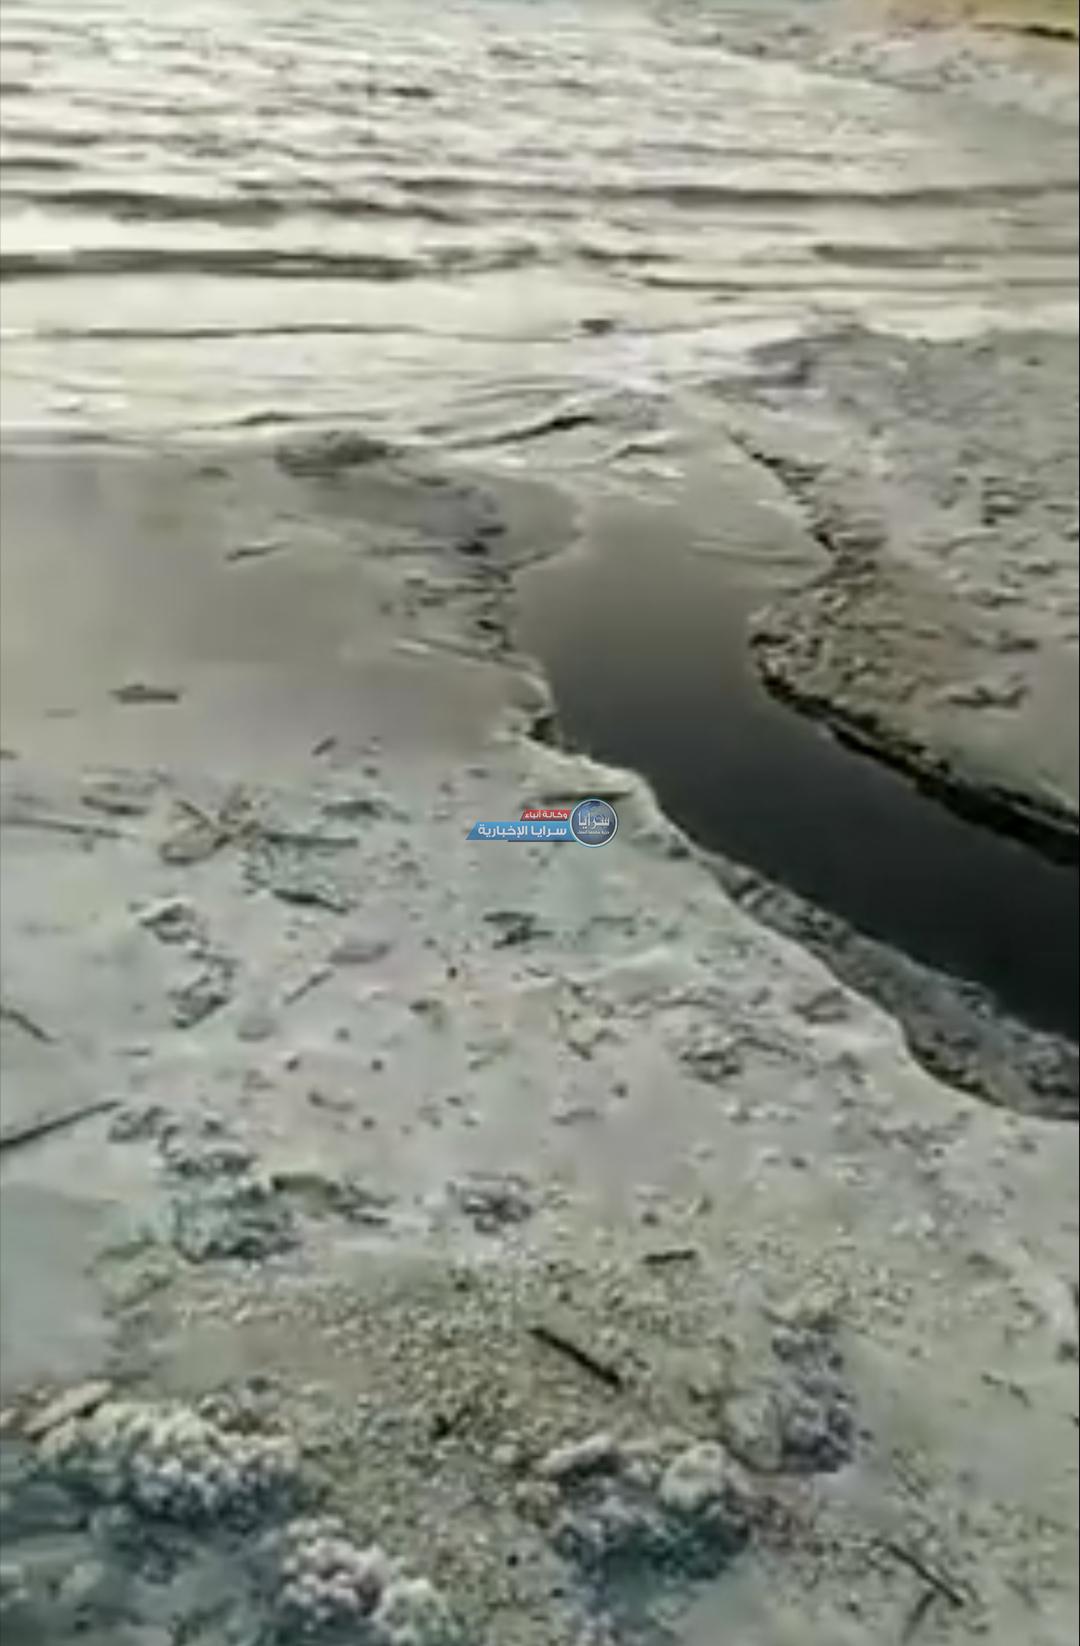 فريق من سلطة وادي الأردن للبحث عن المياه السوداء في البحر الميت